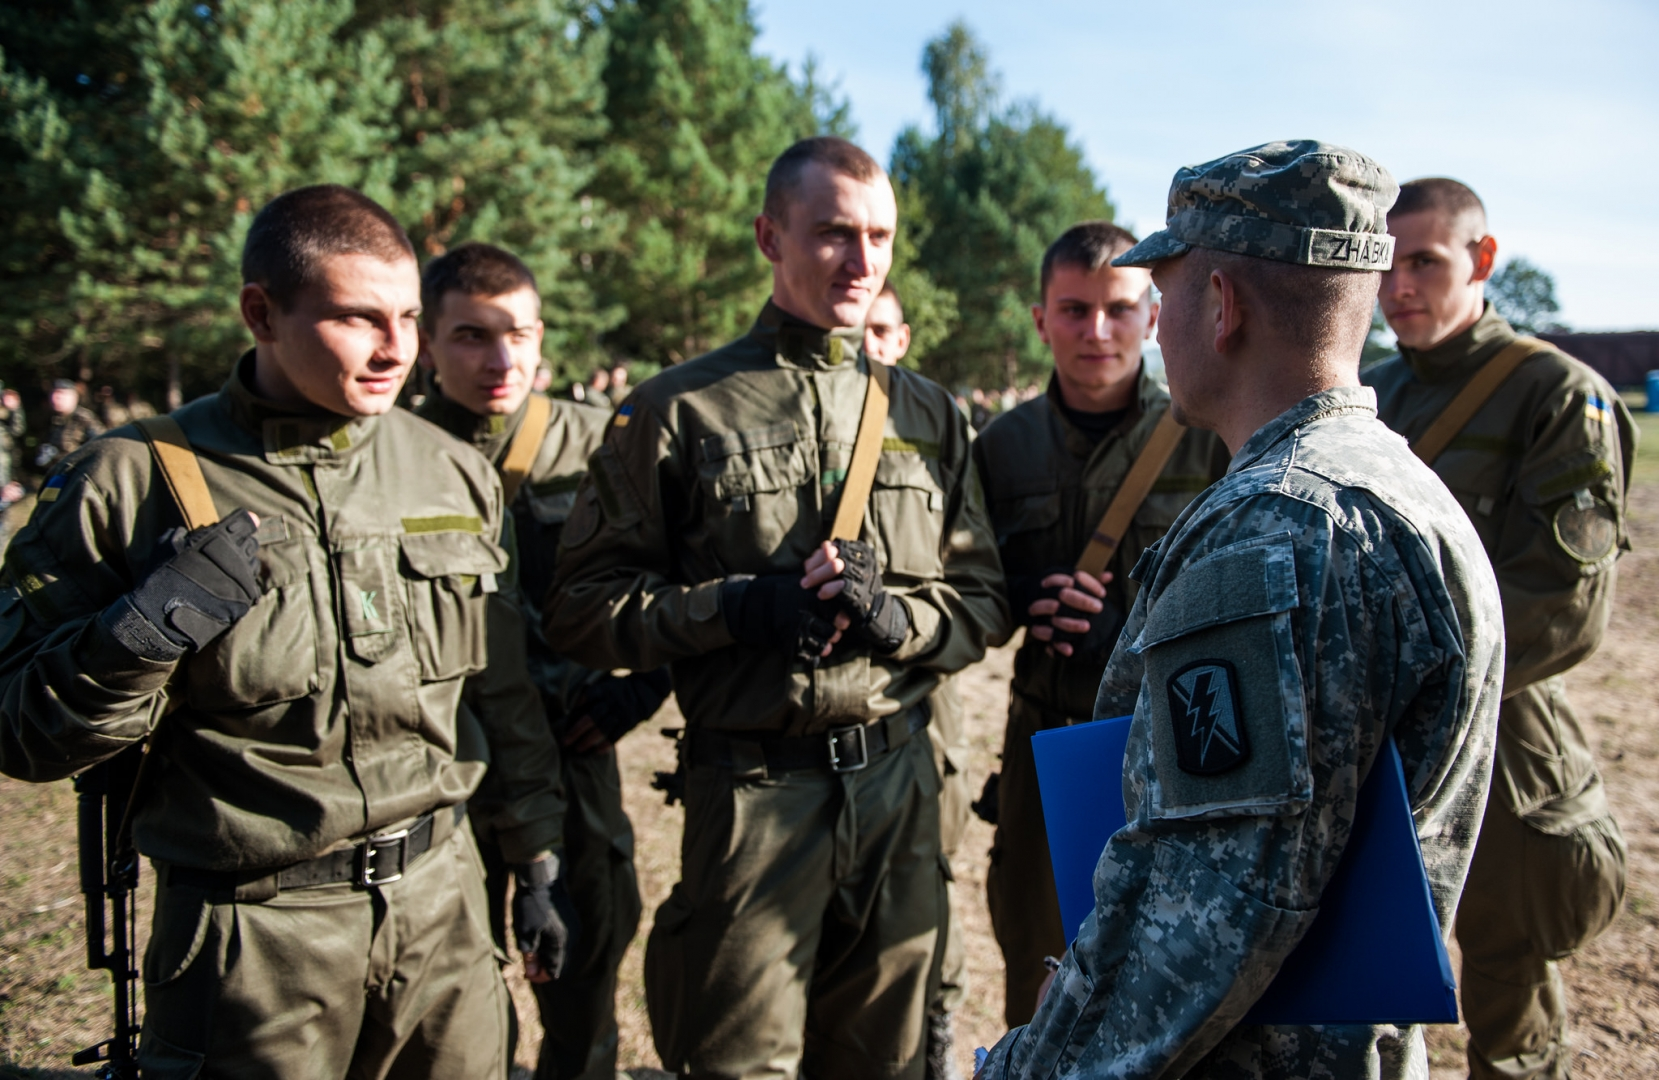 Участие Украины в военных учениях НАТО. Яворовский полигон в районе Львова. 2014